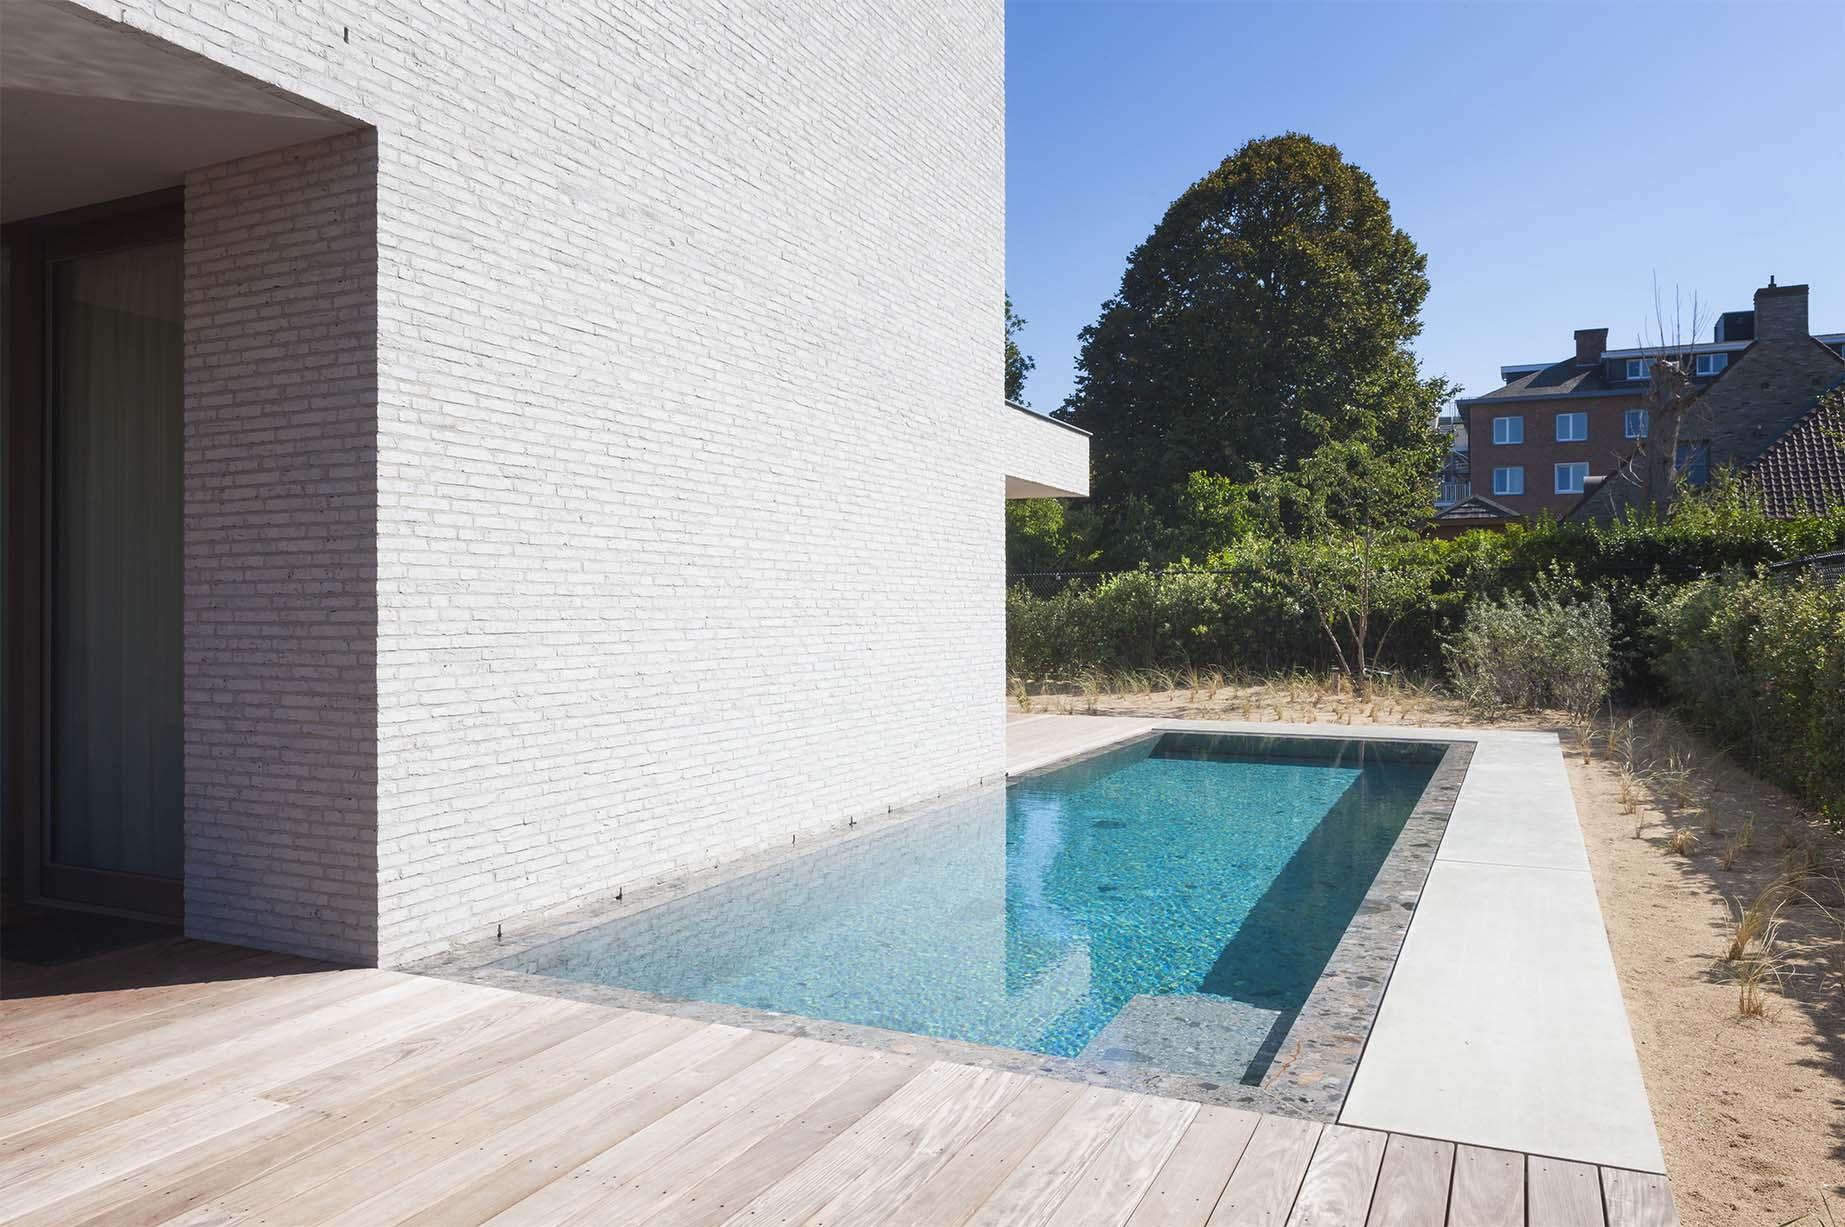 Afbeelding project Bouwkundig | Riverstone Pool | Tegelzwembad | tegenstroom | Koksijde